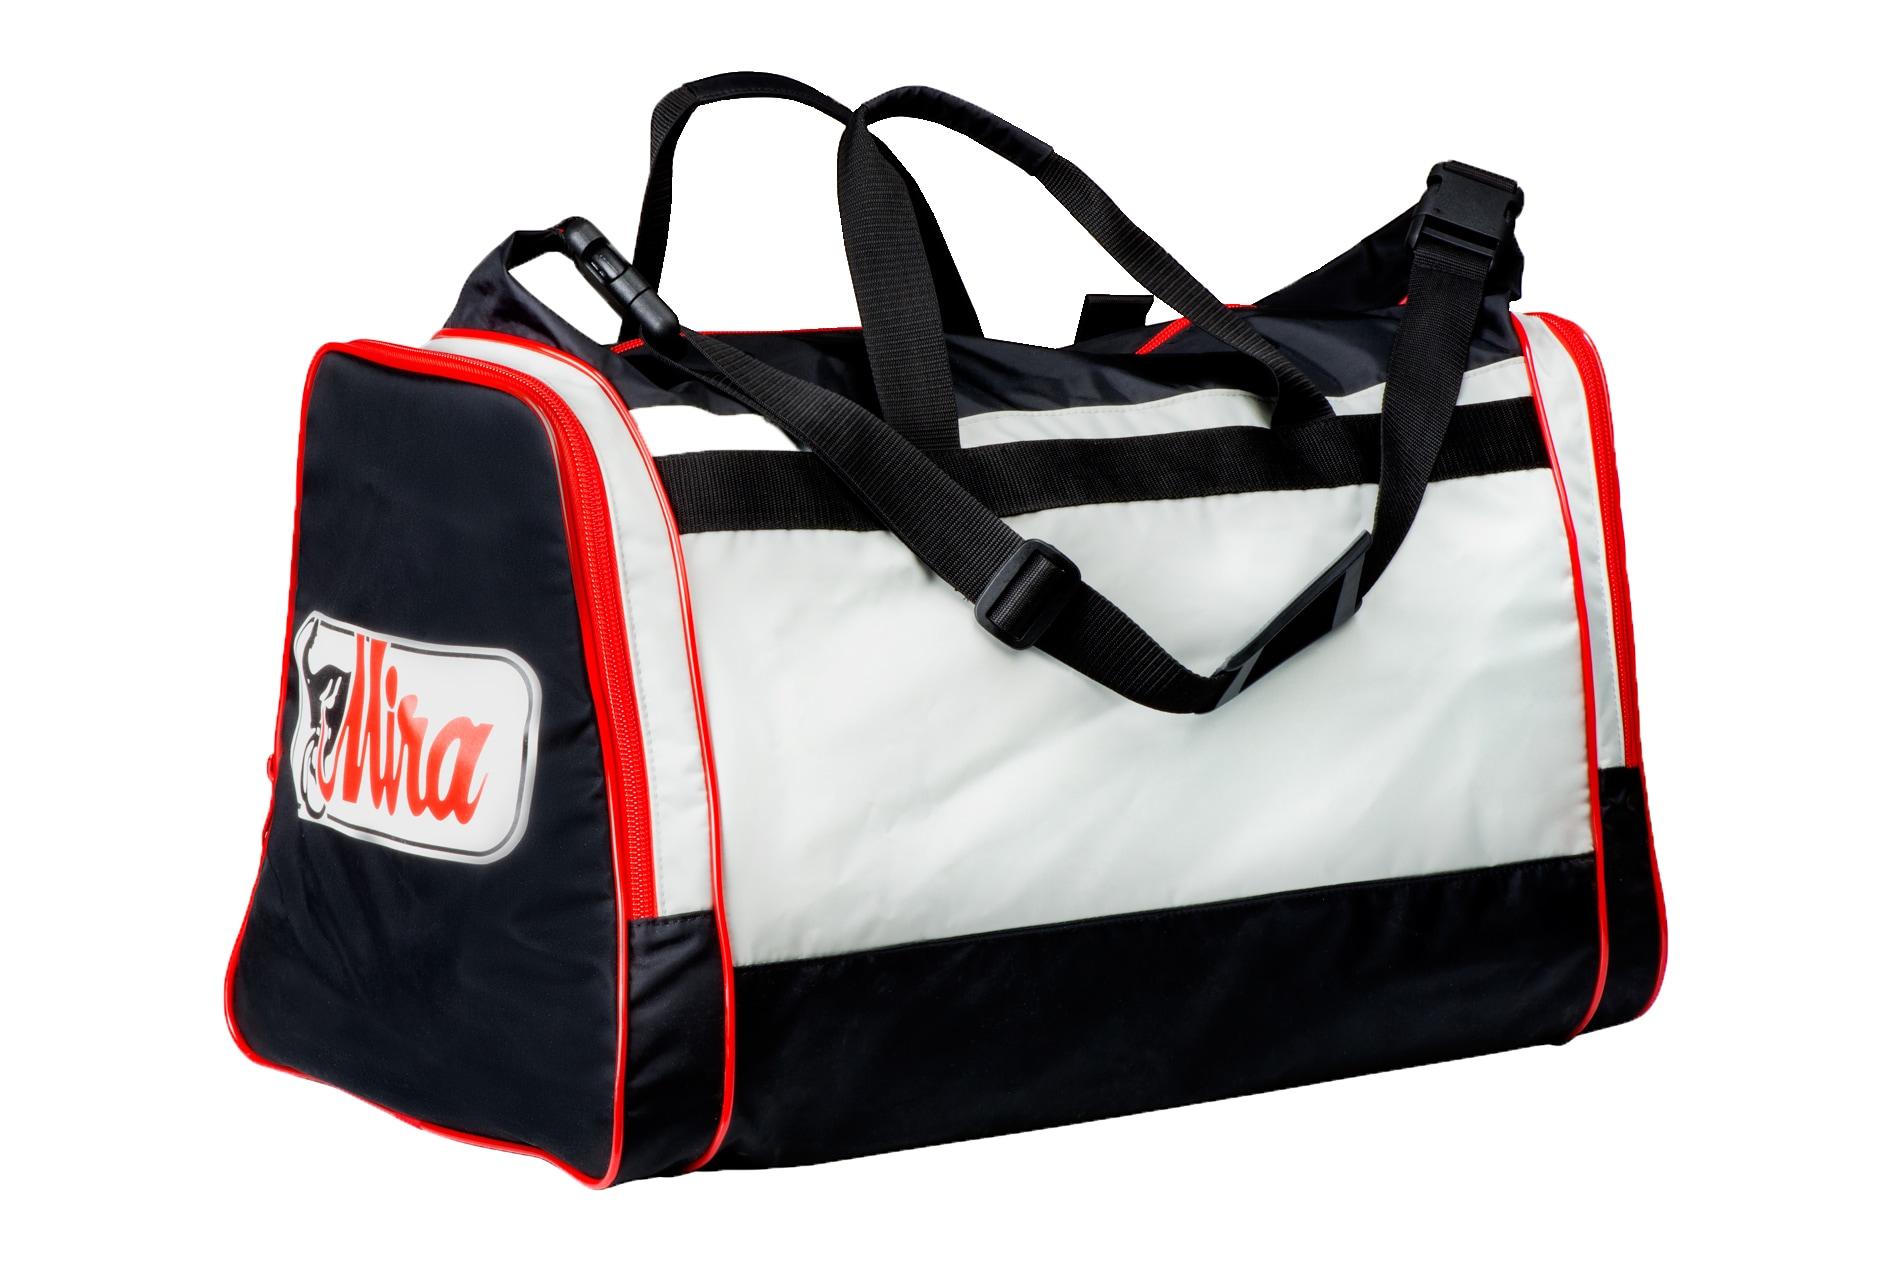 Mira kusk/jockey bag